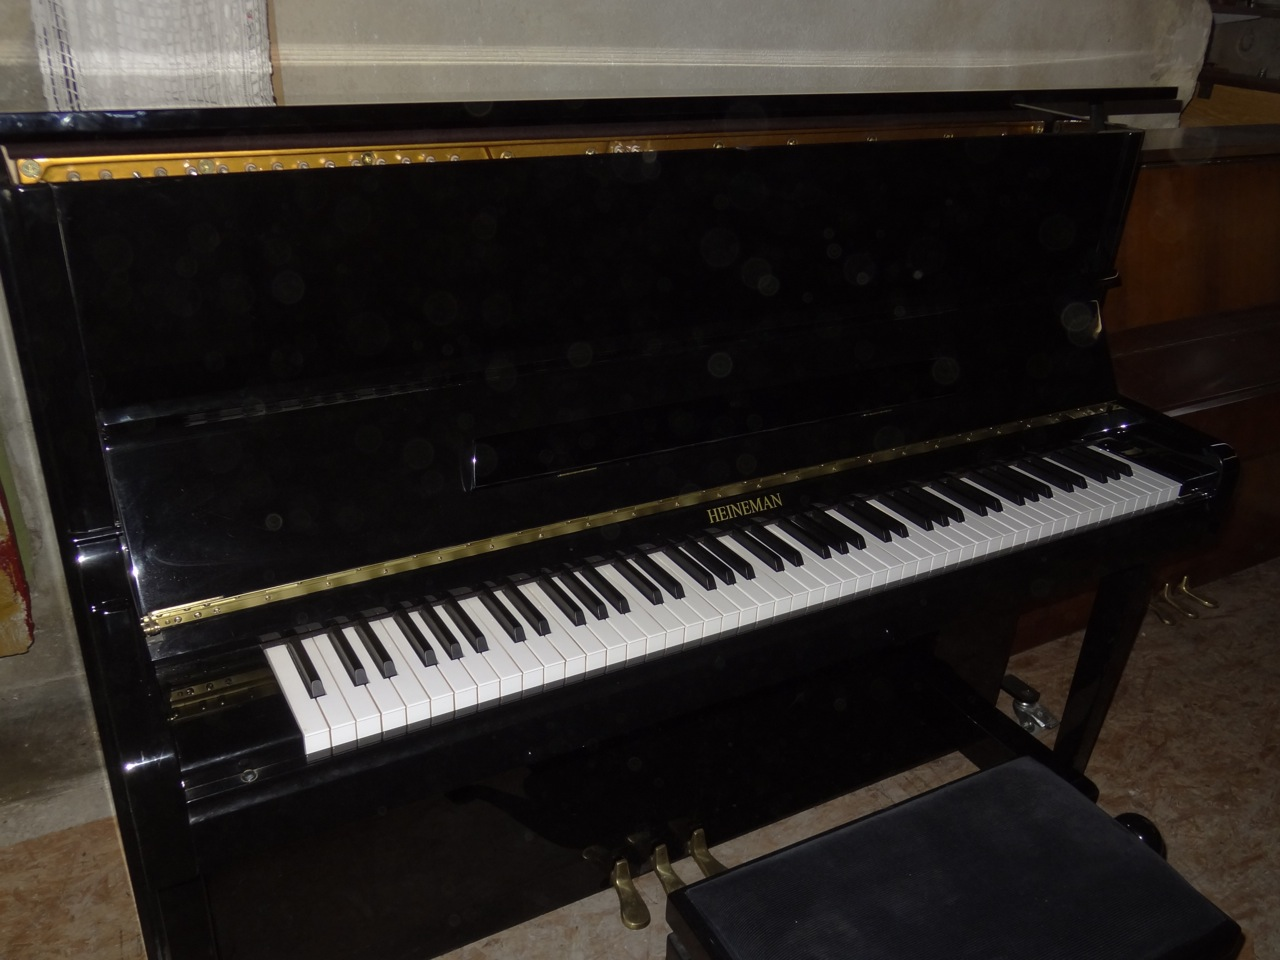 Piano droit heineman 2200 la note sensible - Marque de piano francais ...